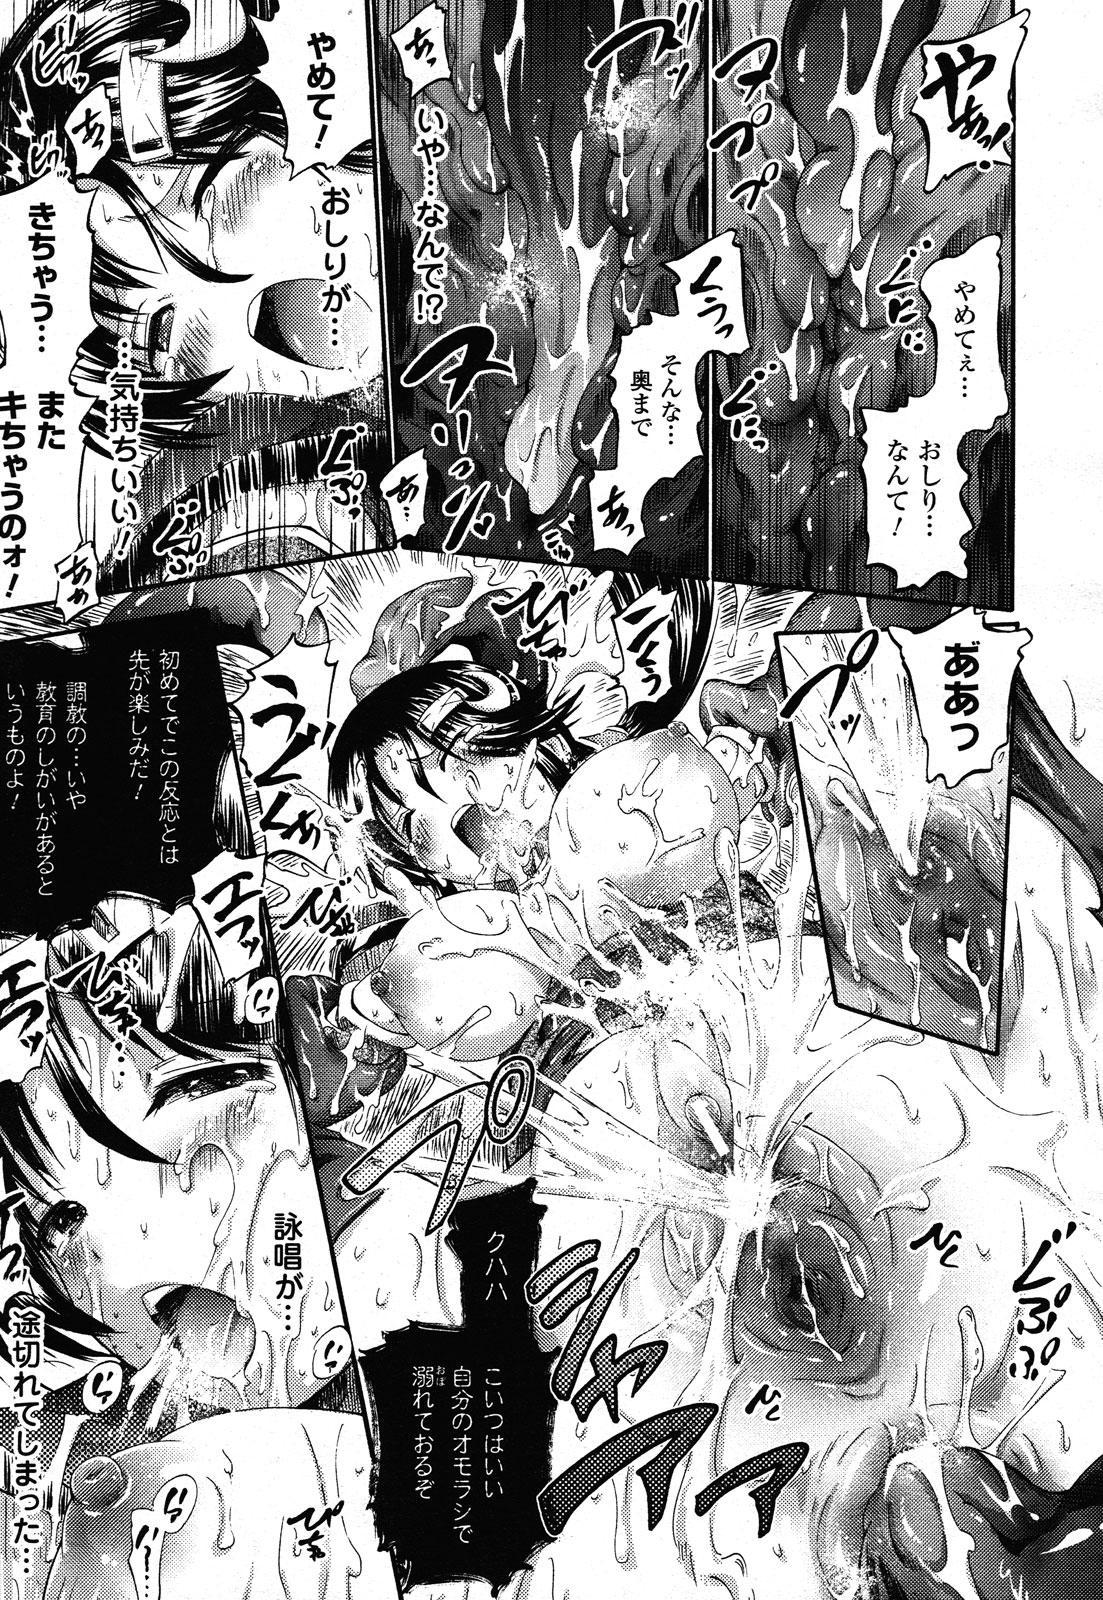 COMIC Unreal 2011-02 Vol. 29 + Mogudan Calendar 2011 122